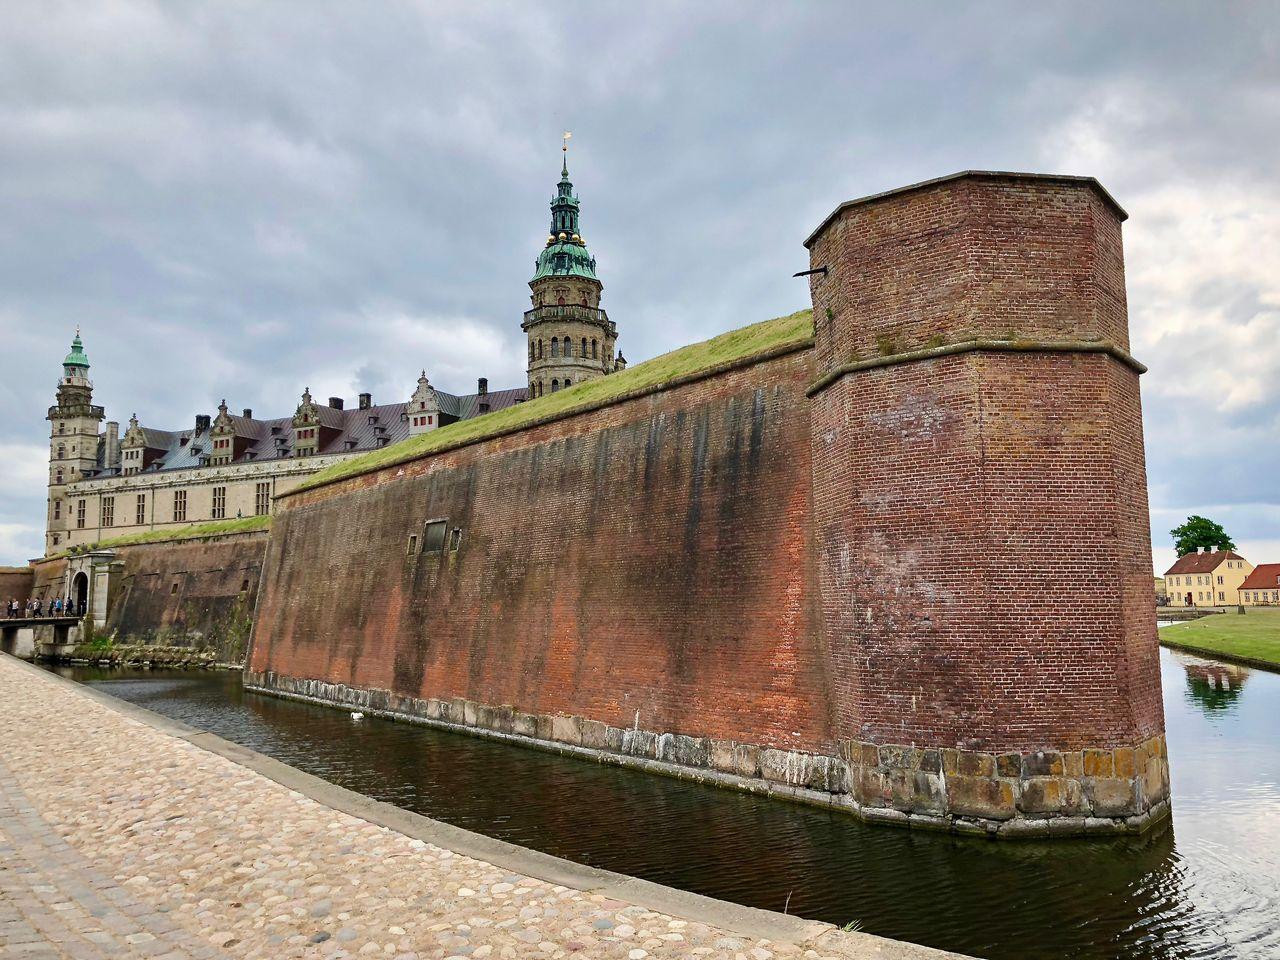 Wer sich dem Schloss als Besucher von Landseite aus nähert, stößt zunächst auf die beeindruckenden Festungsanlagen.